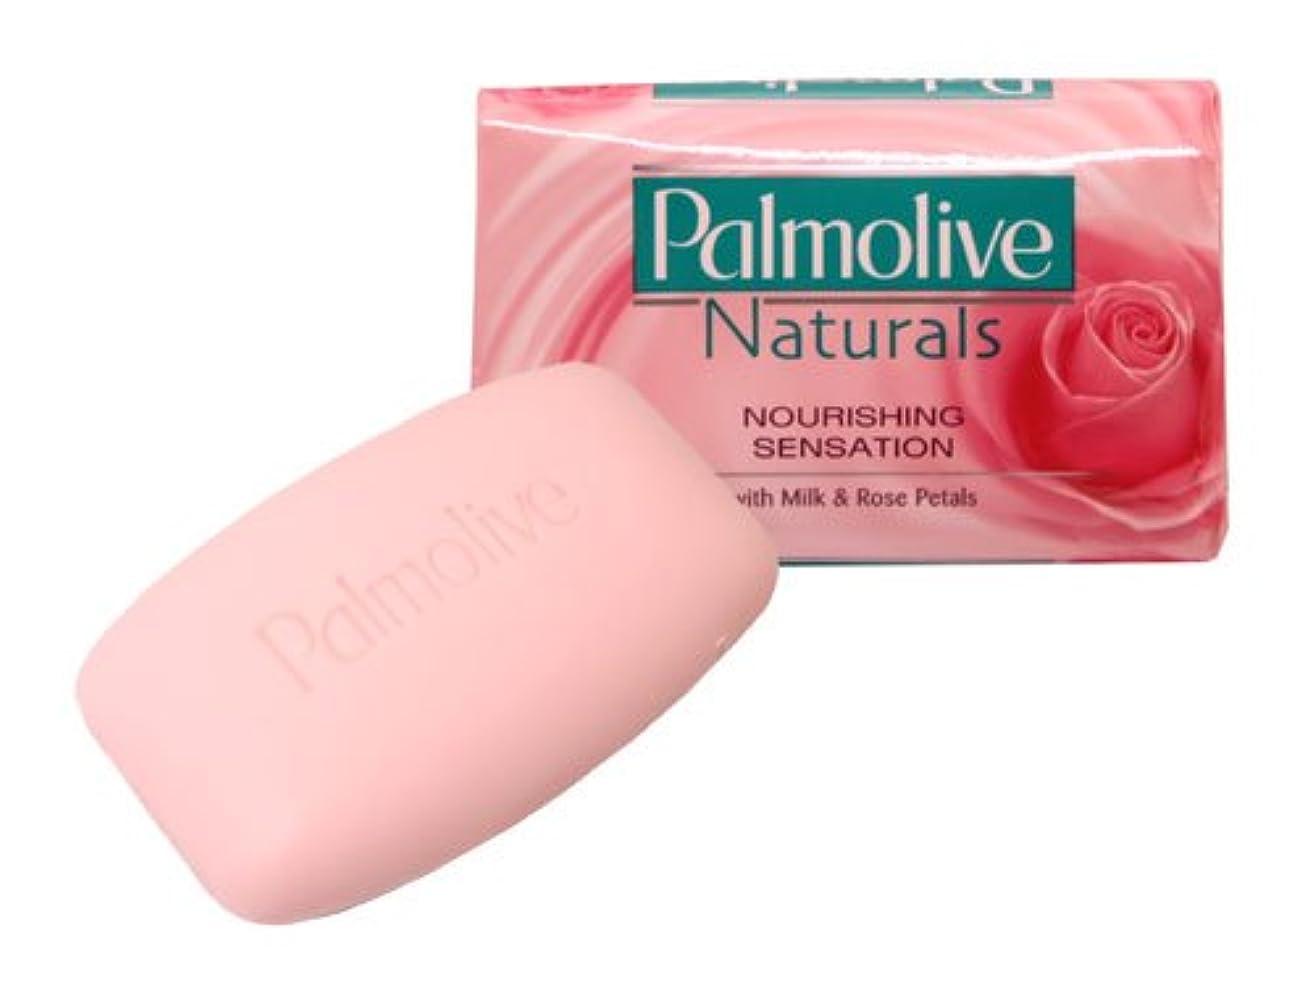 カラス地域の先行する【Palmolive】パルモリーブ ナチュラルズ石鹸3個パック(ミルク&ローズ)